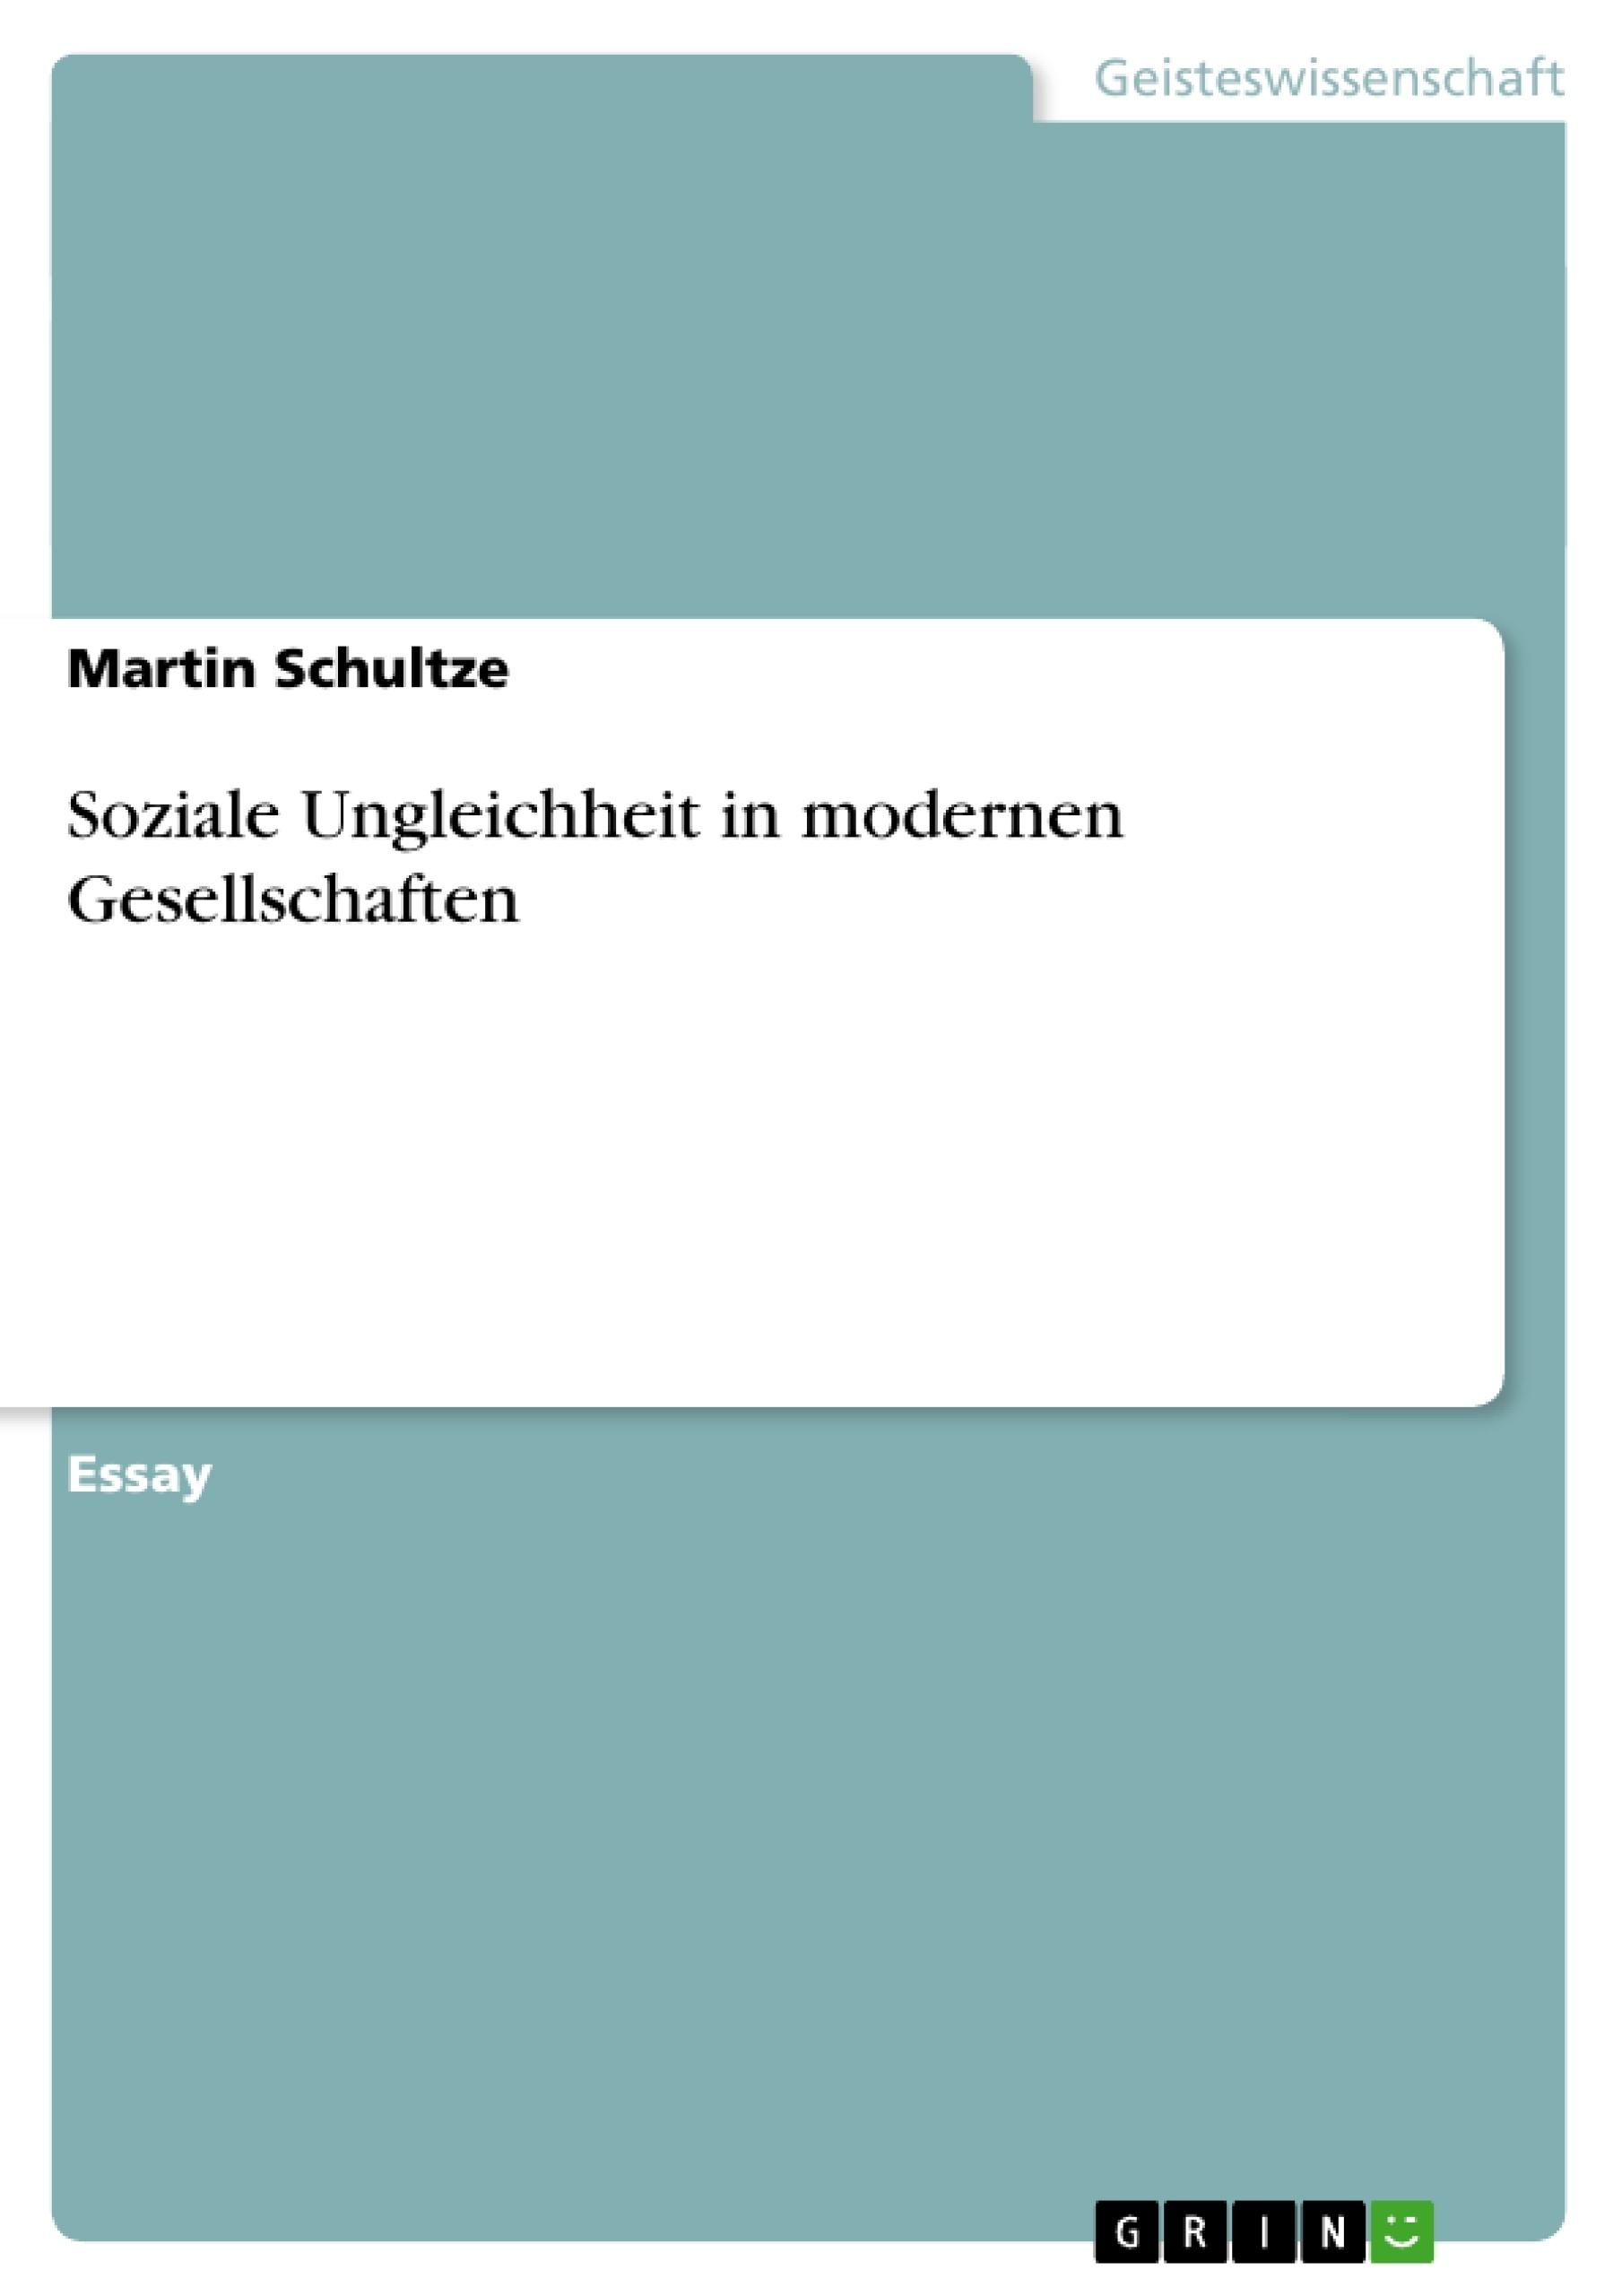 Titel: Soziale Ungleichheit in modernen Gesellschaften